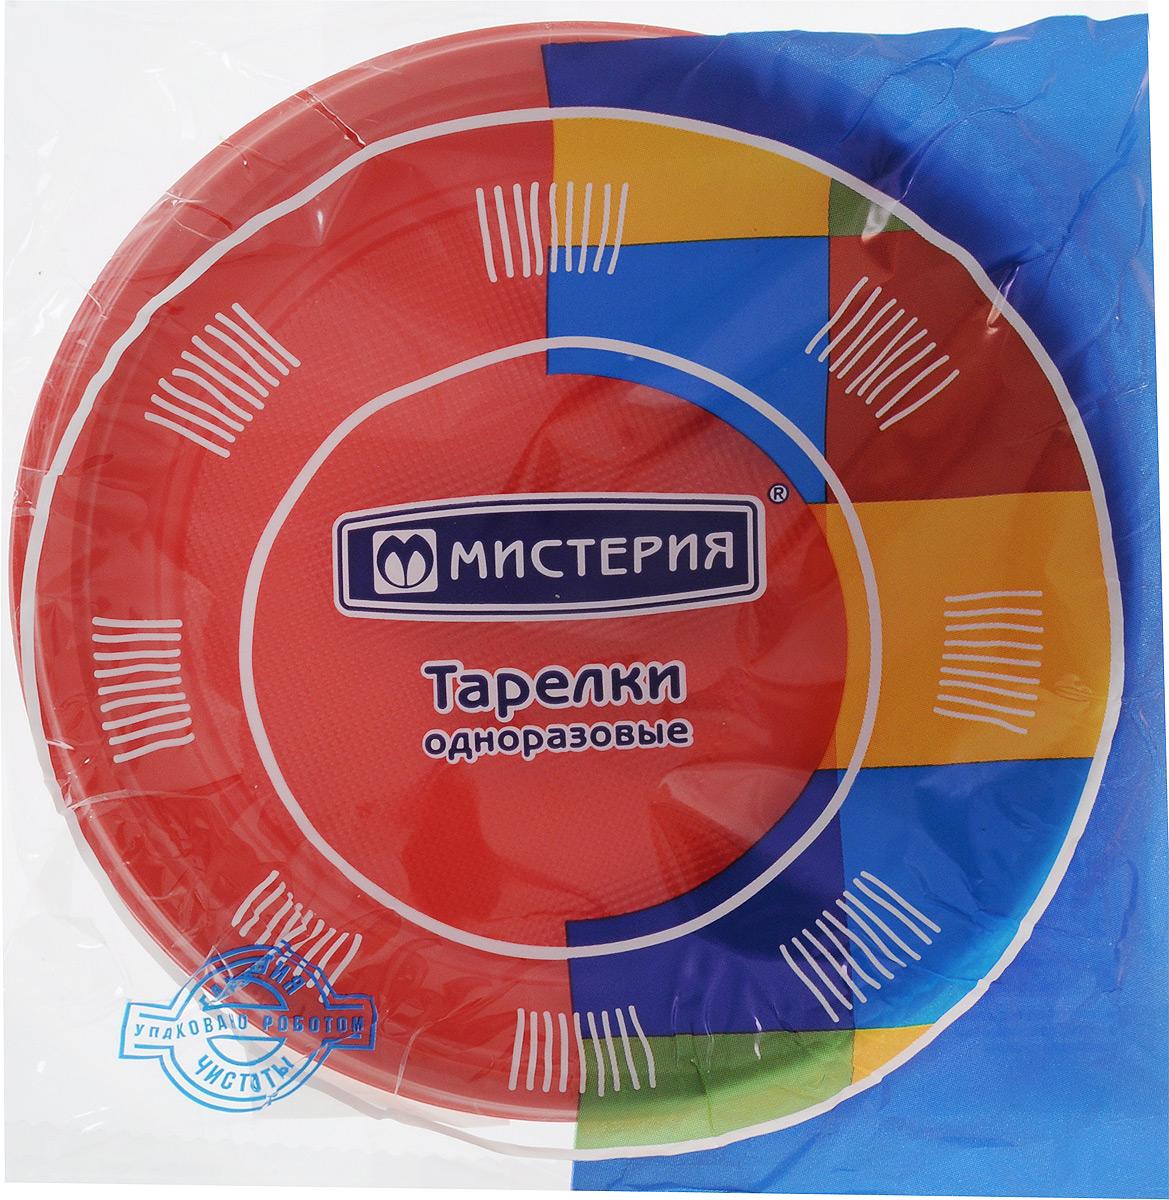 Набор одноразовых десертных тарелок Мистерия, цвет: красный, диаметр 17 см, 12 шт183600Набор Мистерия состоит из 12 круглых десертных тарелок, выполненных из полистирола и предназначенных для одноразового использования. Подходят для холодных и горячих пищевых продуктов. Одноразовые тарелки будут незаменимы при поездках на природу, пикниках и других мероприятиях. Они не займут много места, легки и самое главное - после использования их не надо мыть. Диаметр тарелки: 17 см. Высота тарелки: 1,5 см.